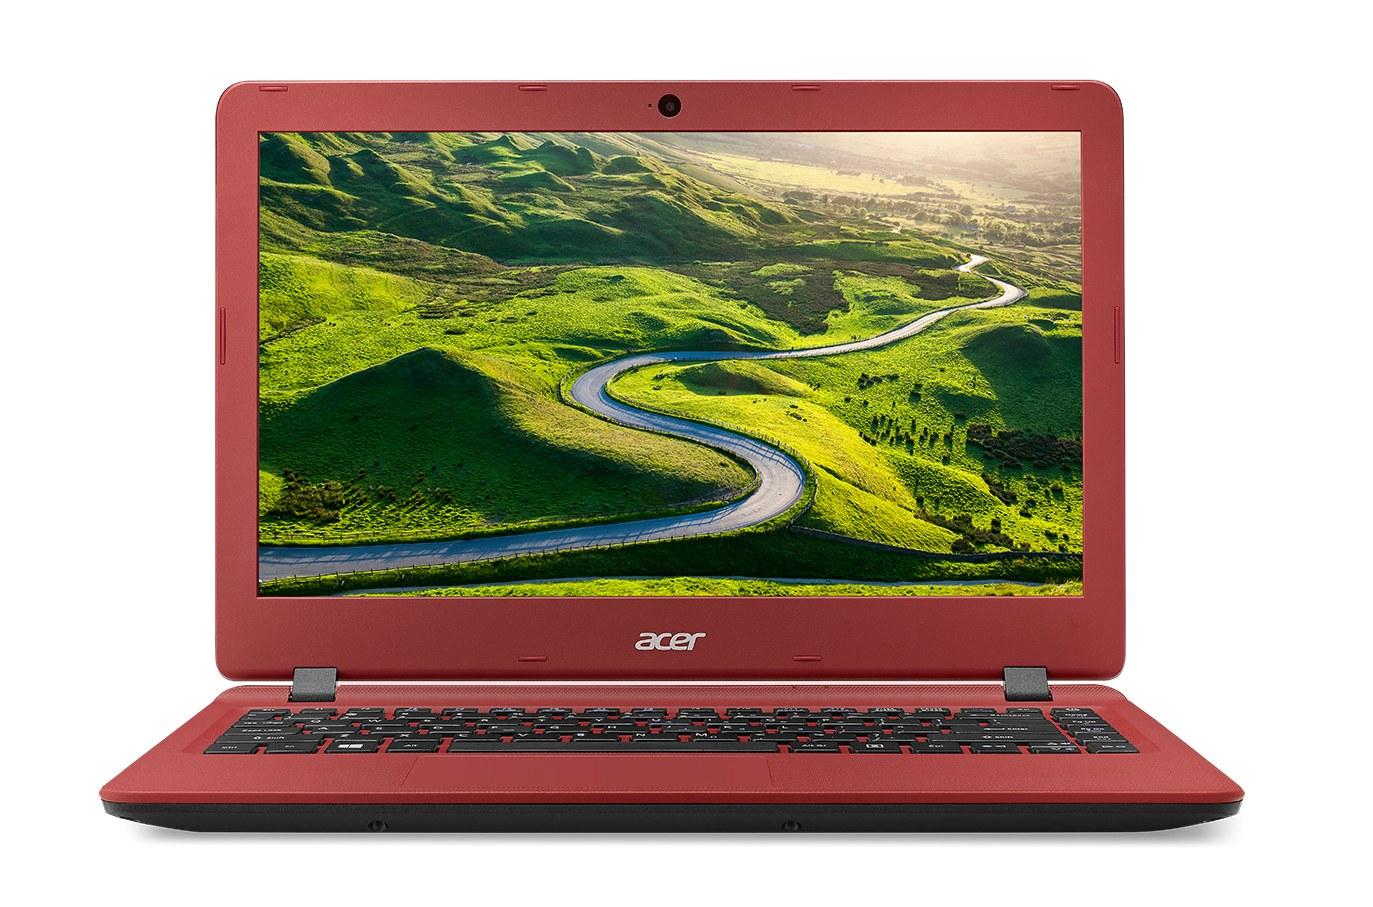 Acer Aspire ES 13 13,3/N4200/4G/64GB/W10 černo-červený